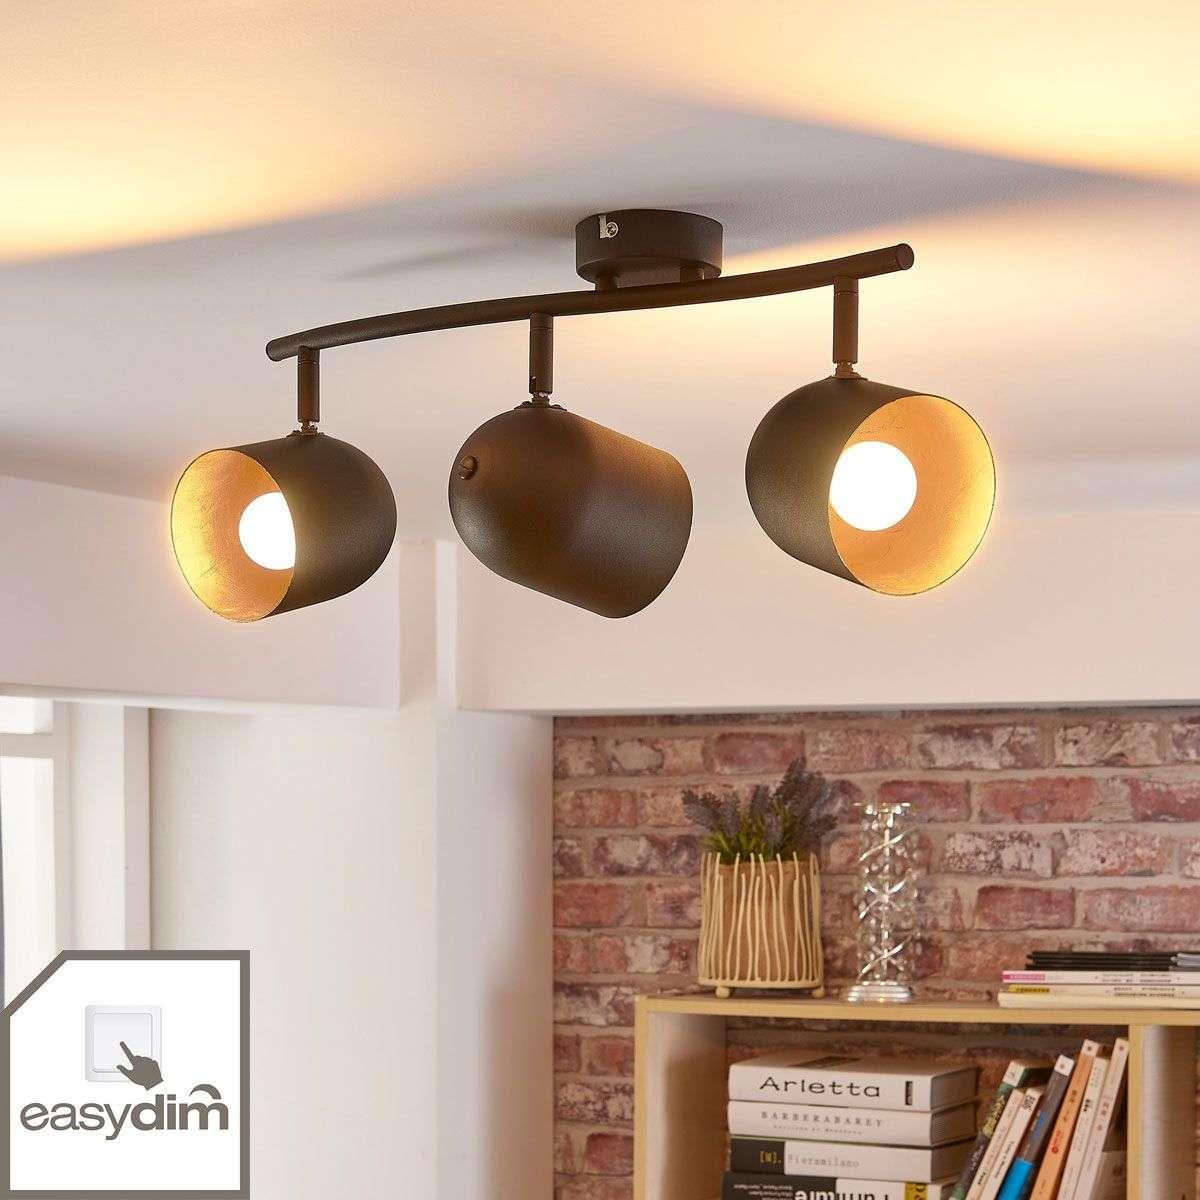 Morik 3-bulb ceiling spotlight, Easydim LEDs-9621240-32